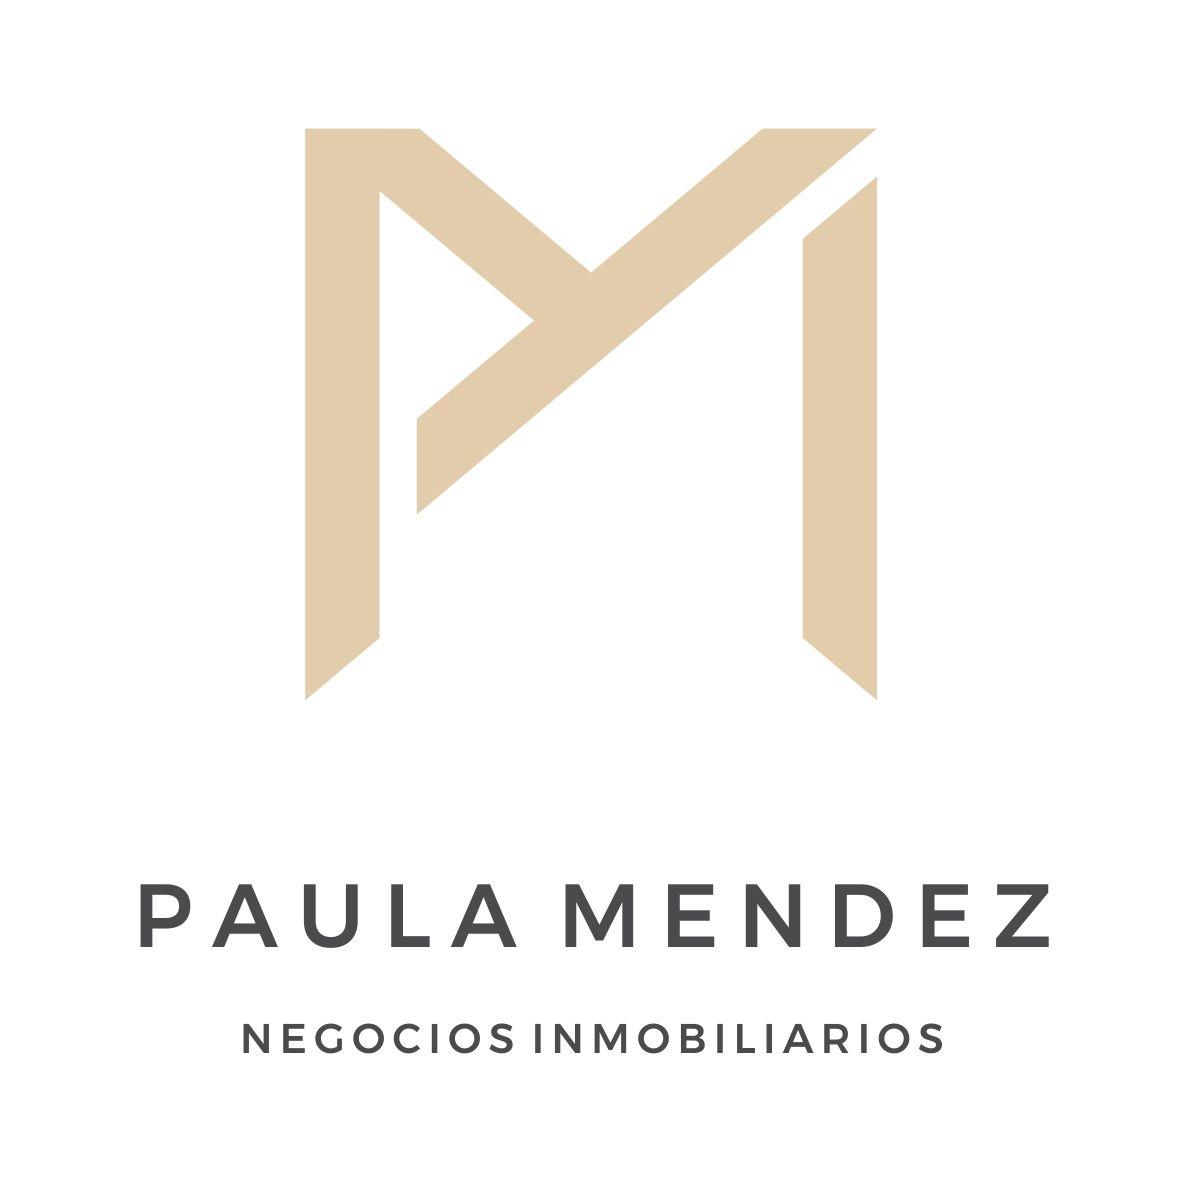 Logo de  Paula Mendez